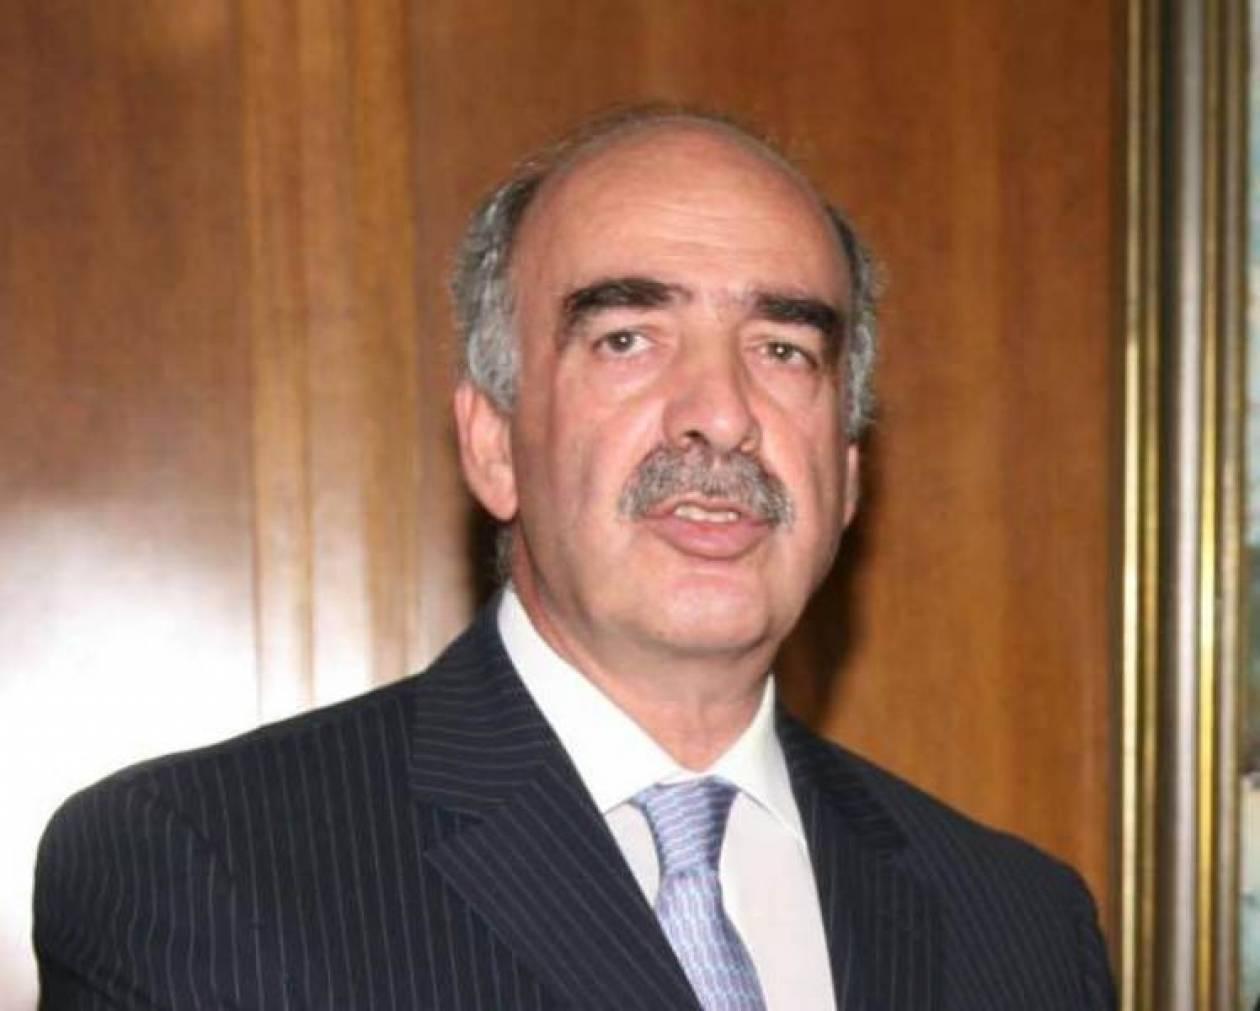 Παρέμβαση Μεϊμαράκη για την απουσία υπουργών σε επίκαιρες ερωτήσεις